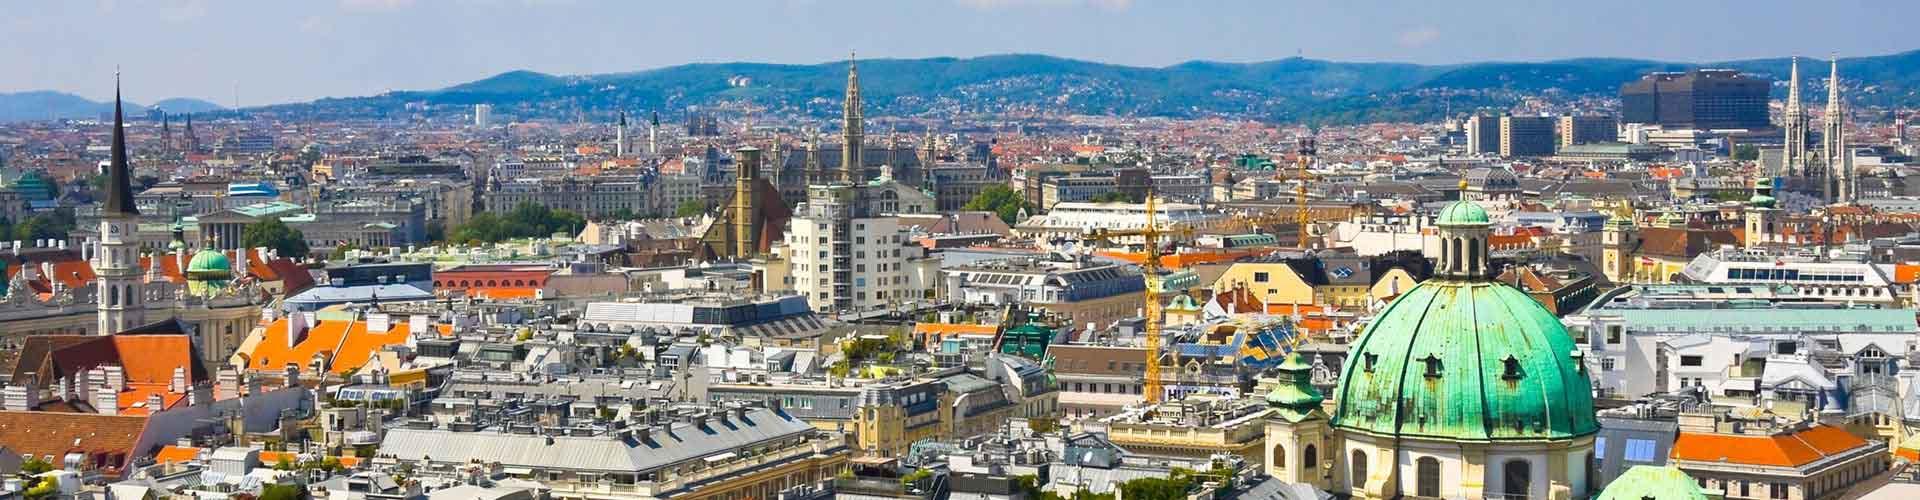 维也纳 – Josefstadt区的青年旅馆。维也纳 地图,维也纳 每间青年旅馆的照片和评分。